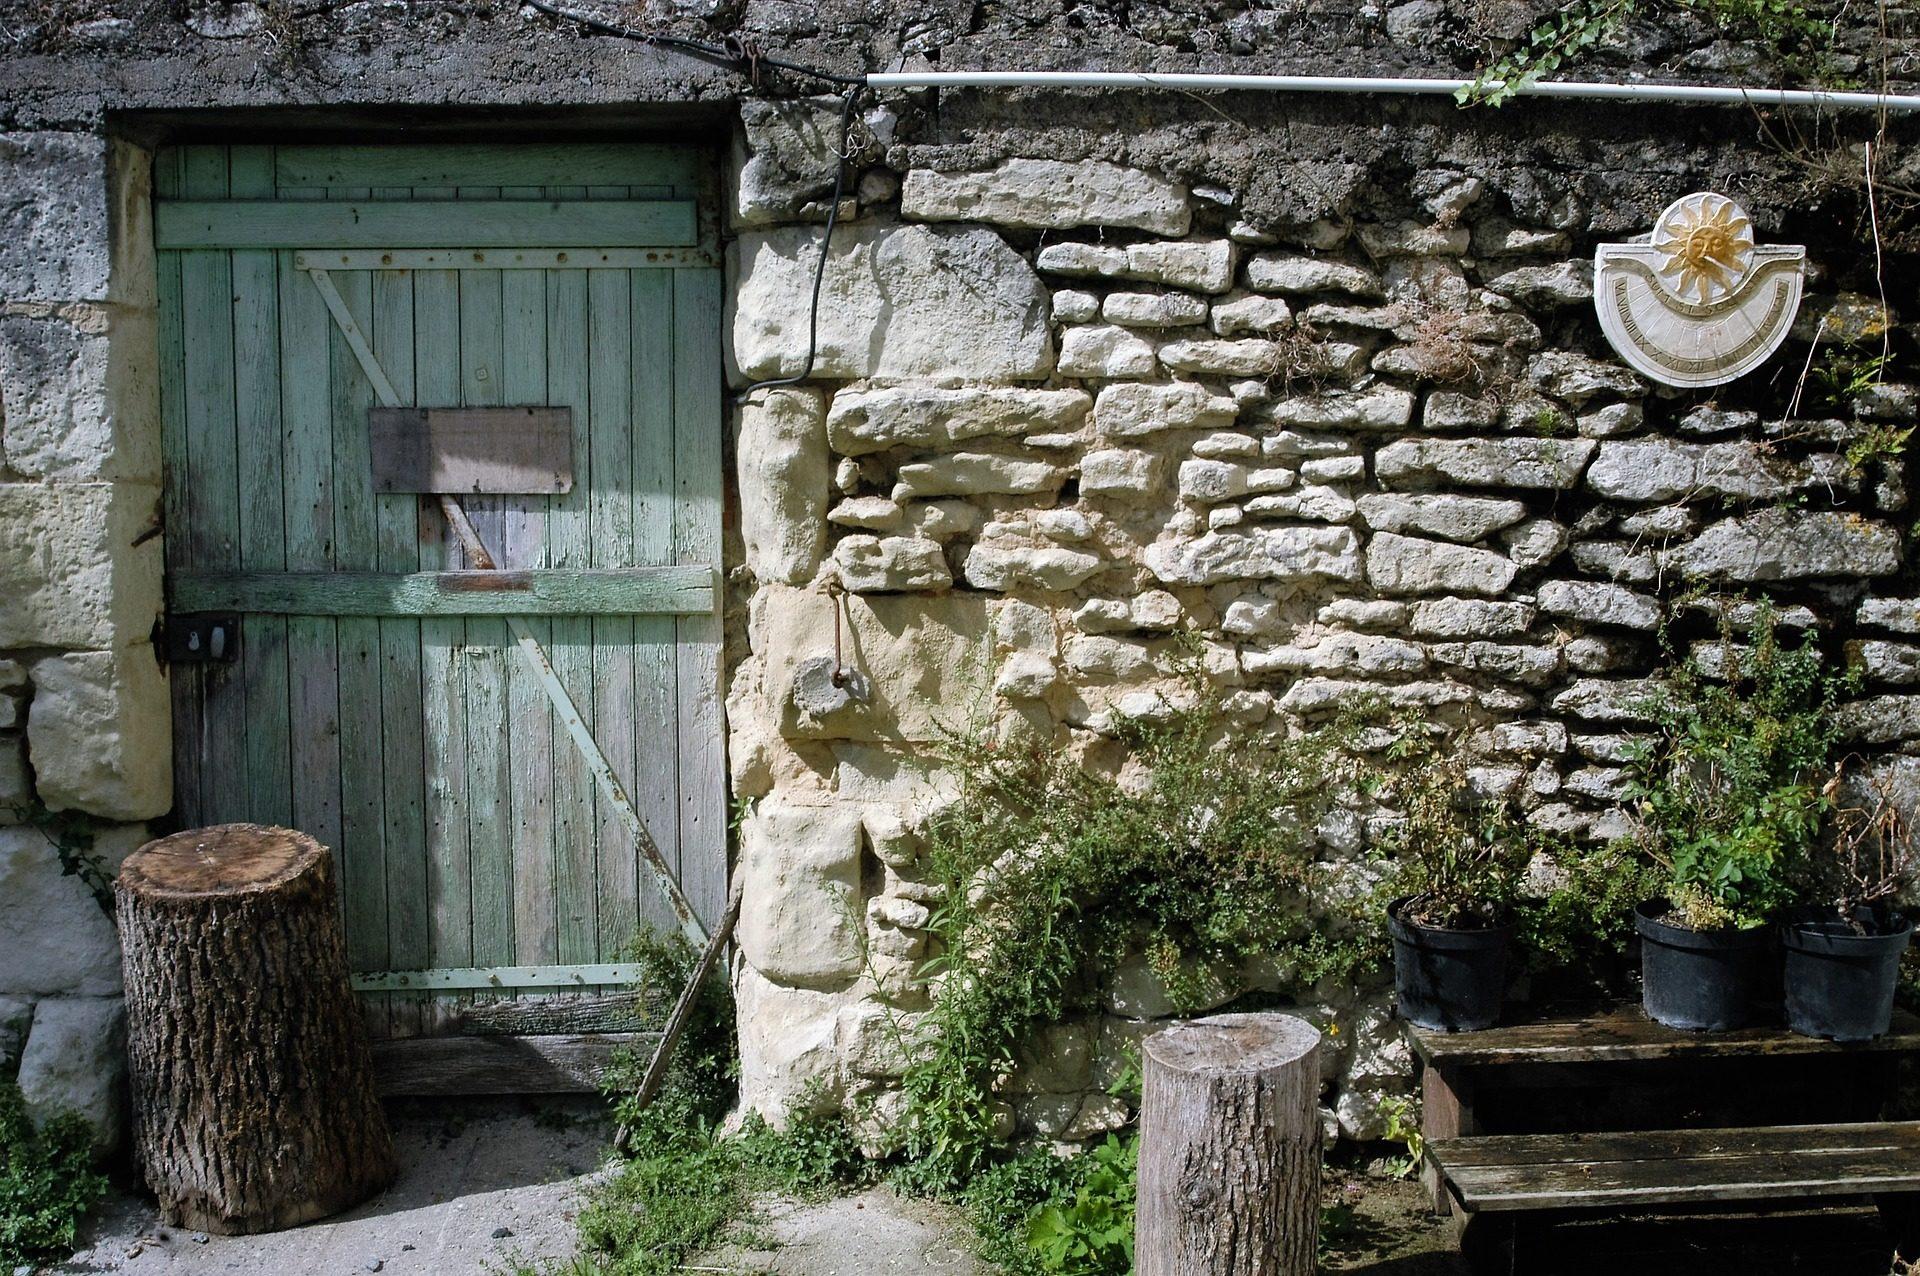 Σπίτι, αγροτική, Τοίχου, πέτρες, πεδίο, Τράπεζα, κορμοί - Wallpapers HD - Professor-falken.com